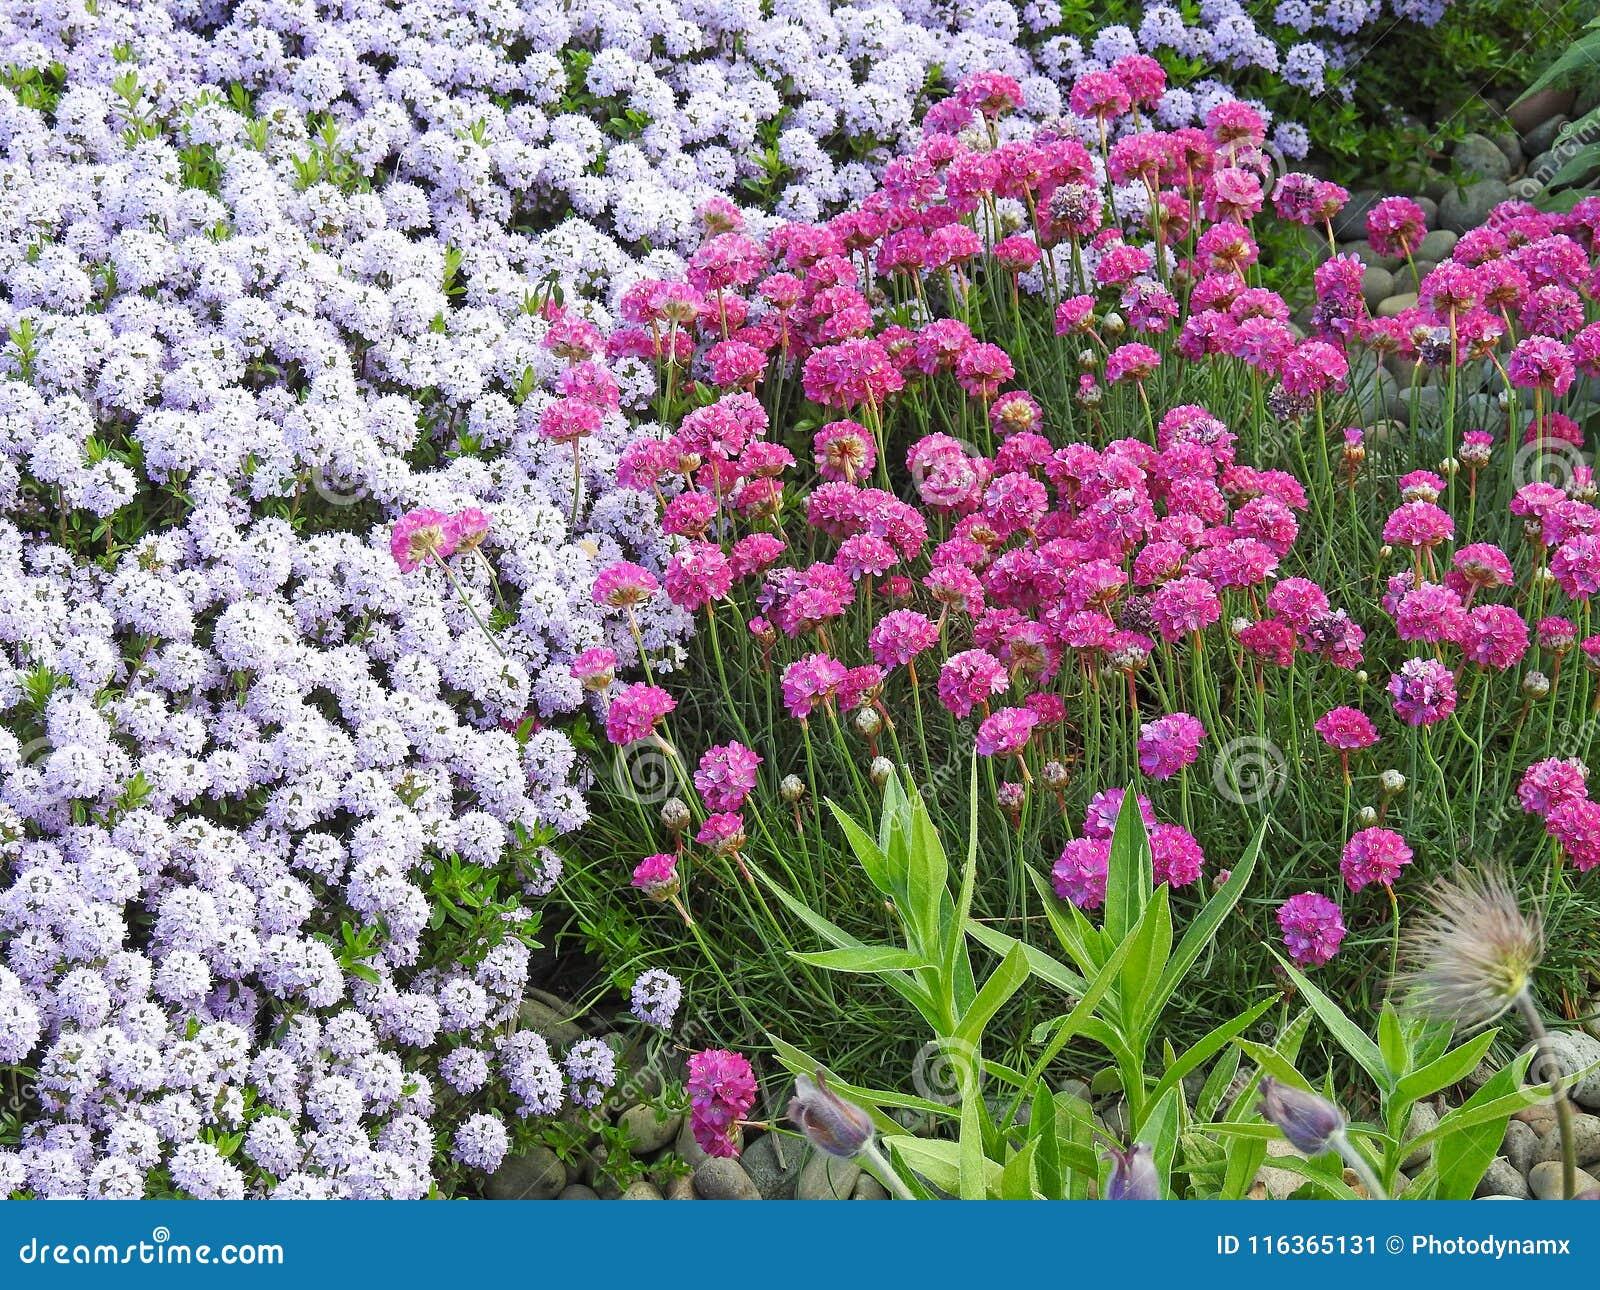 Ahorro Natural De Las Plantas Del Jardin De Flores Salvajes Imagen - Plantas-de-jardin-con-flores